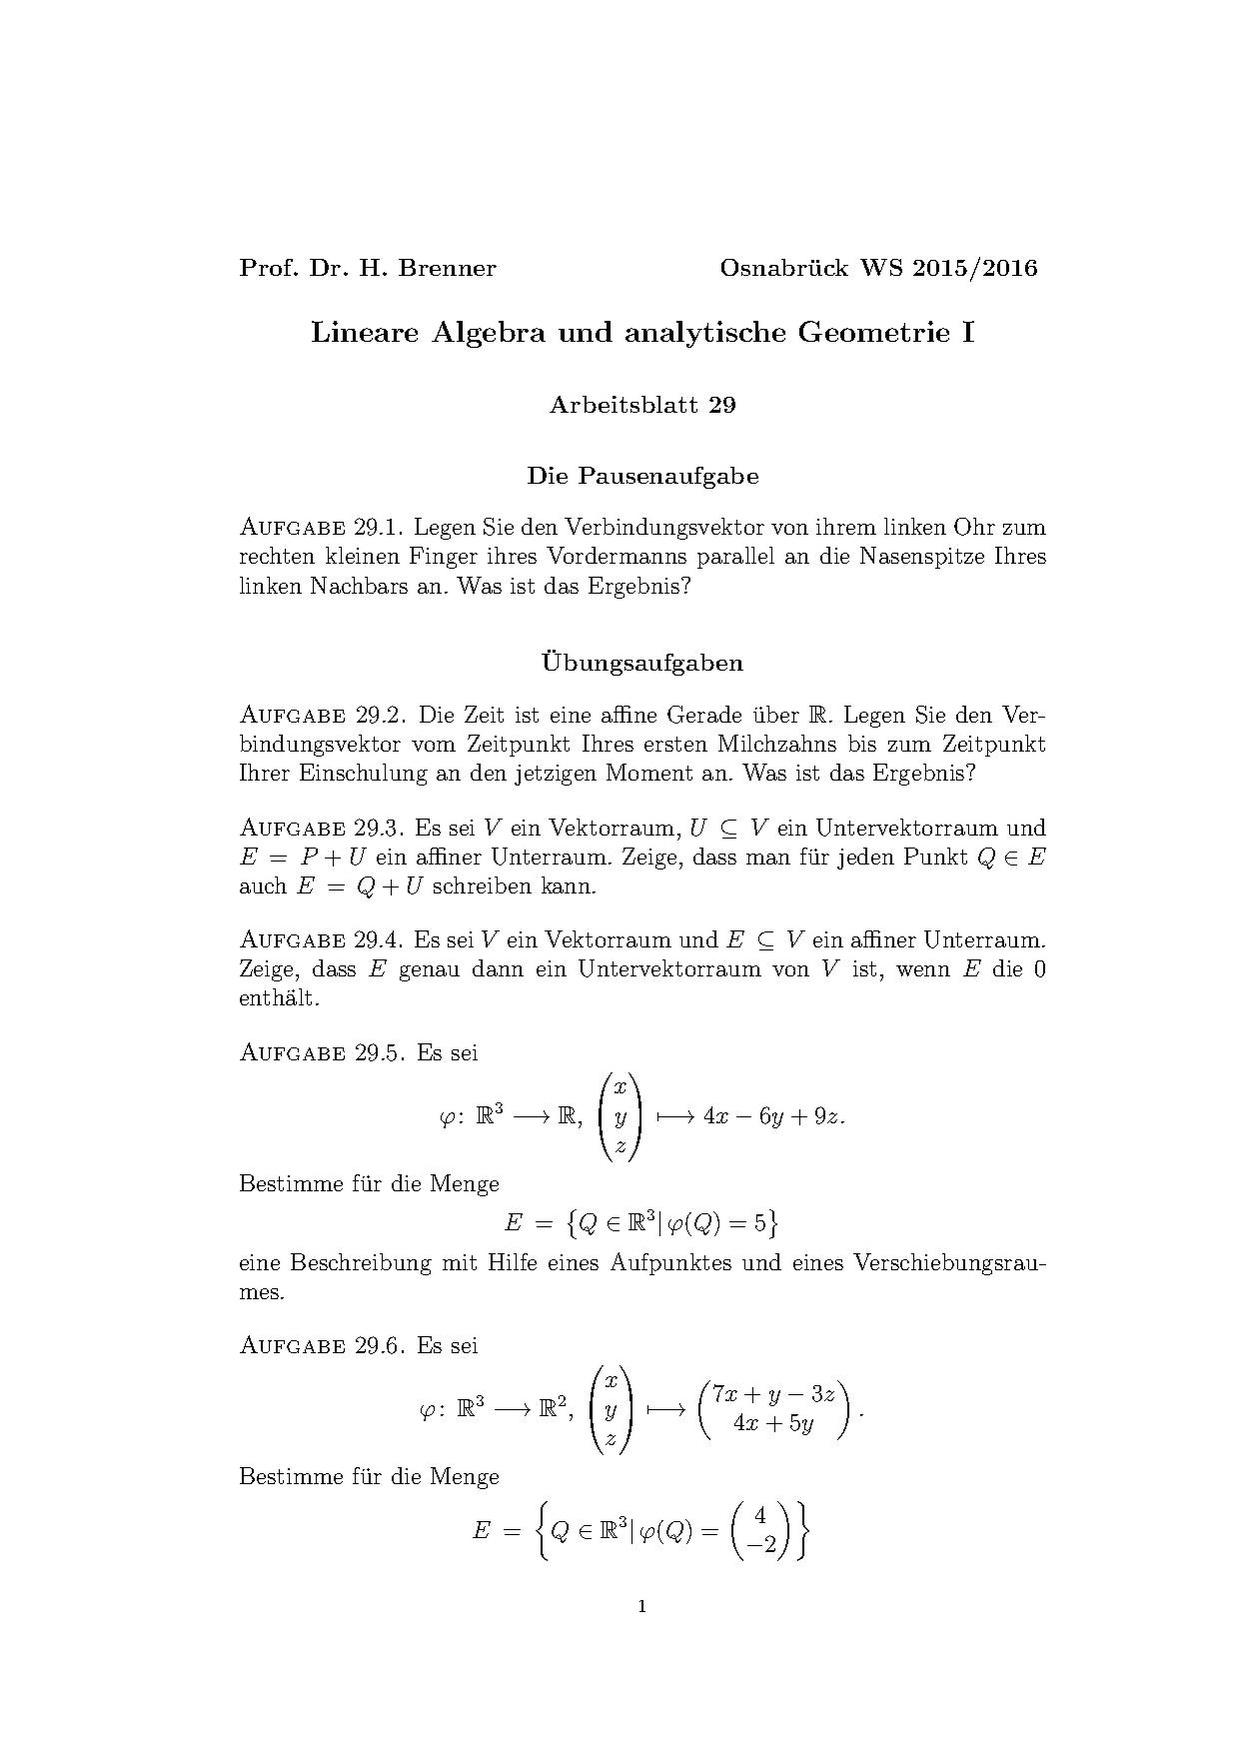 Ausgezeichnet Algebra 1 Arbeitsblatt Pdf Fotos - Super Lehrer ...